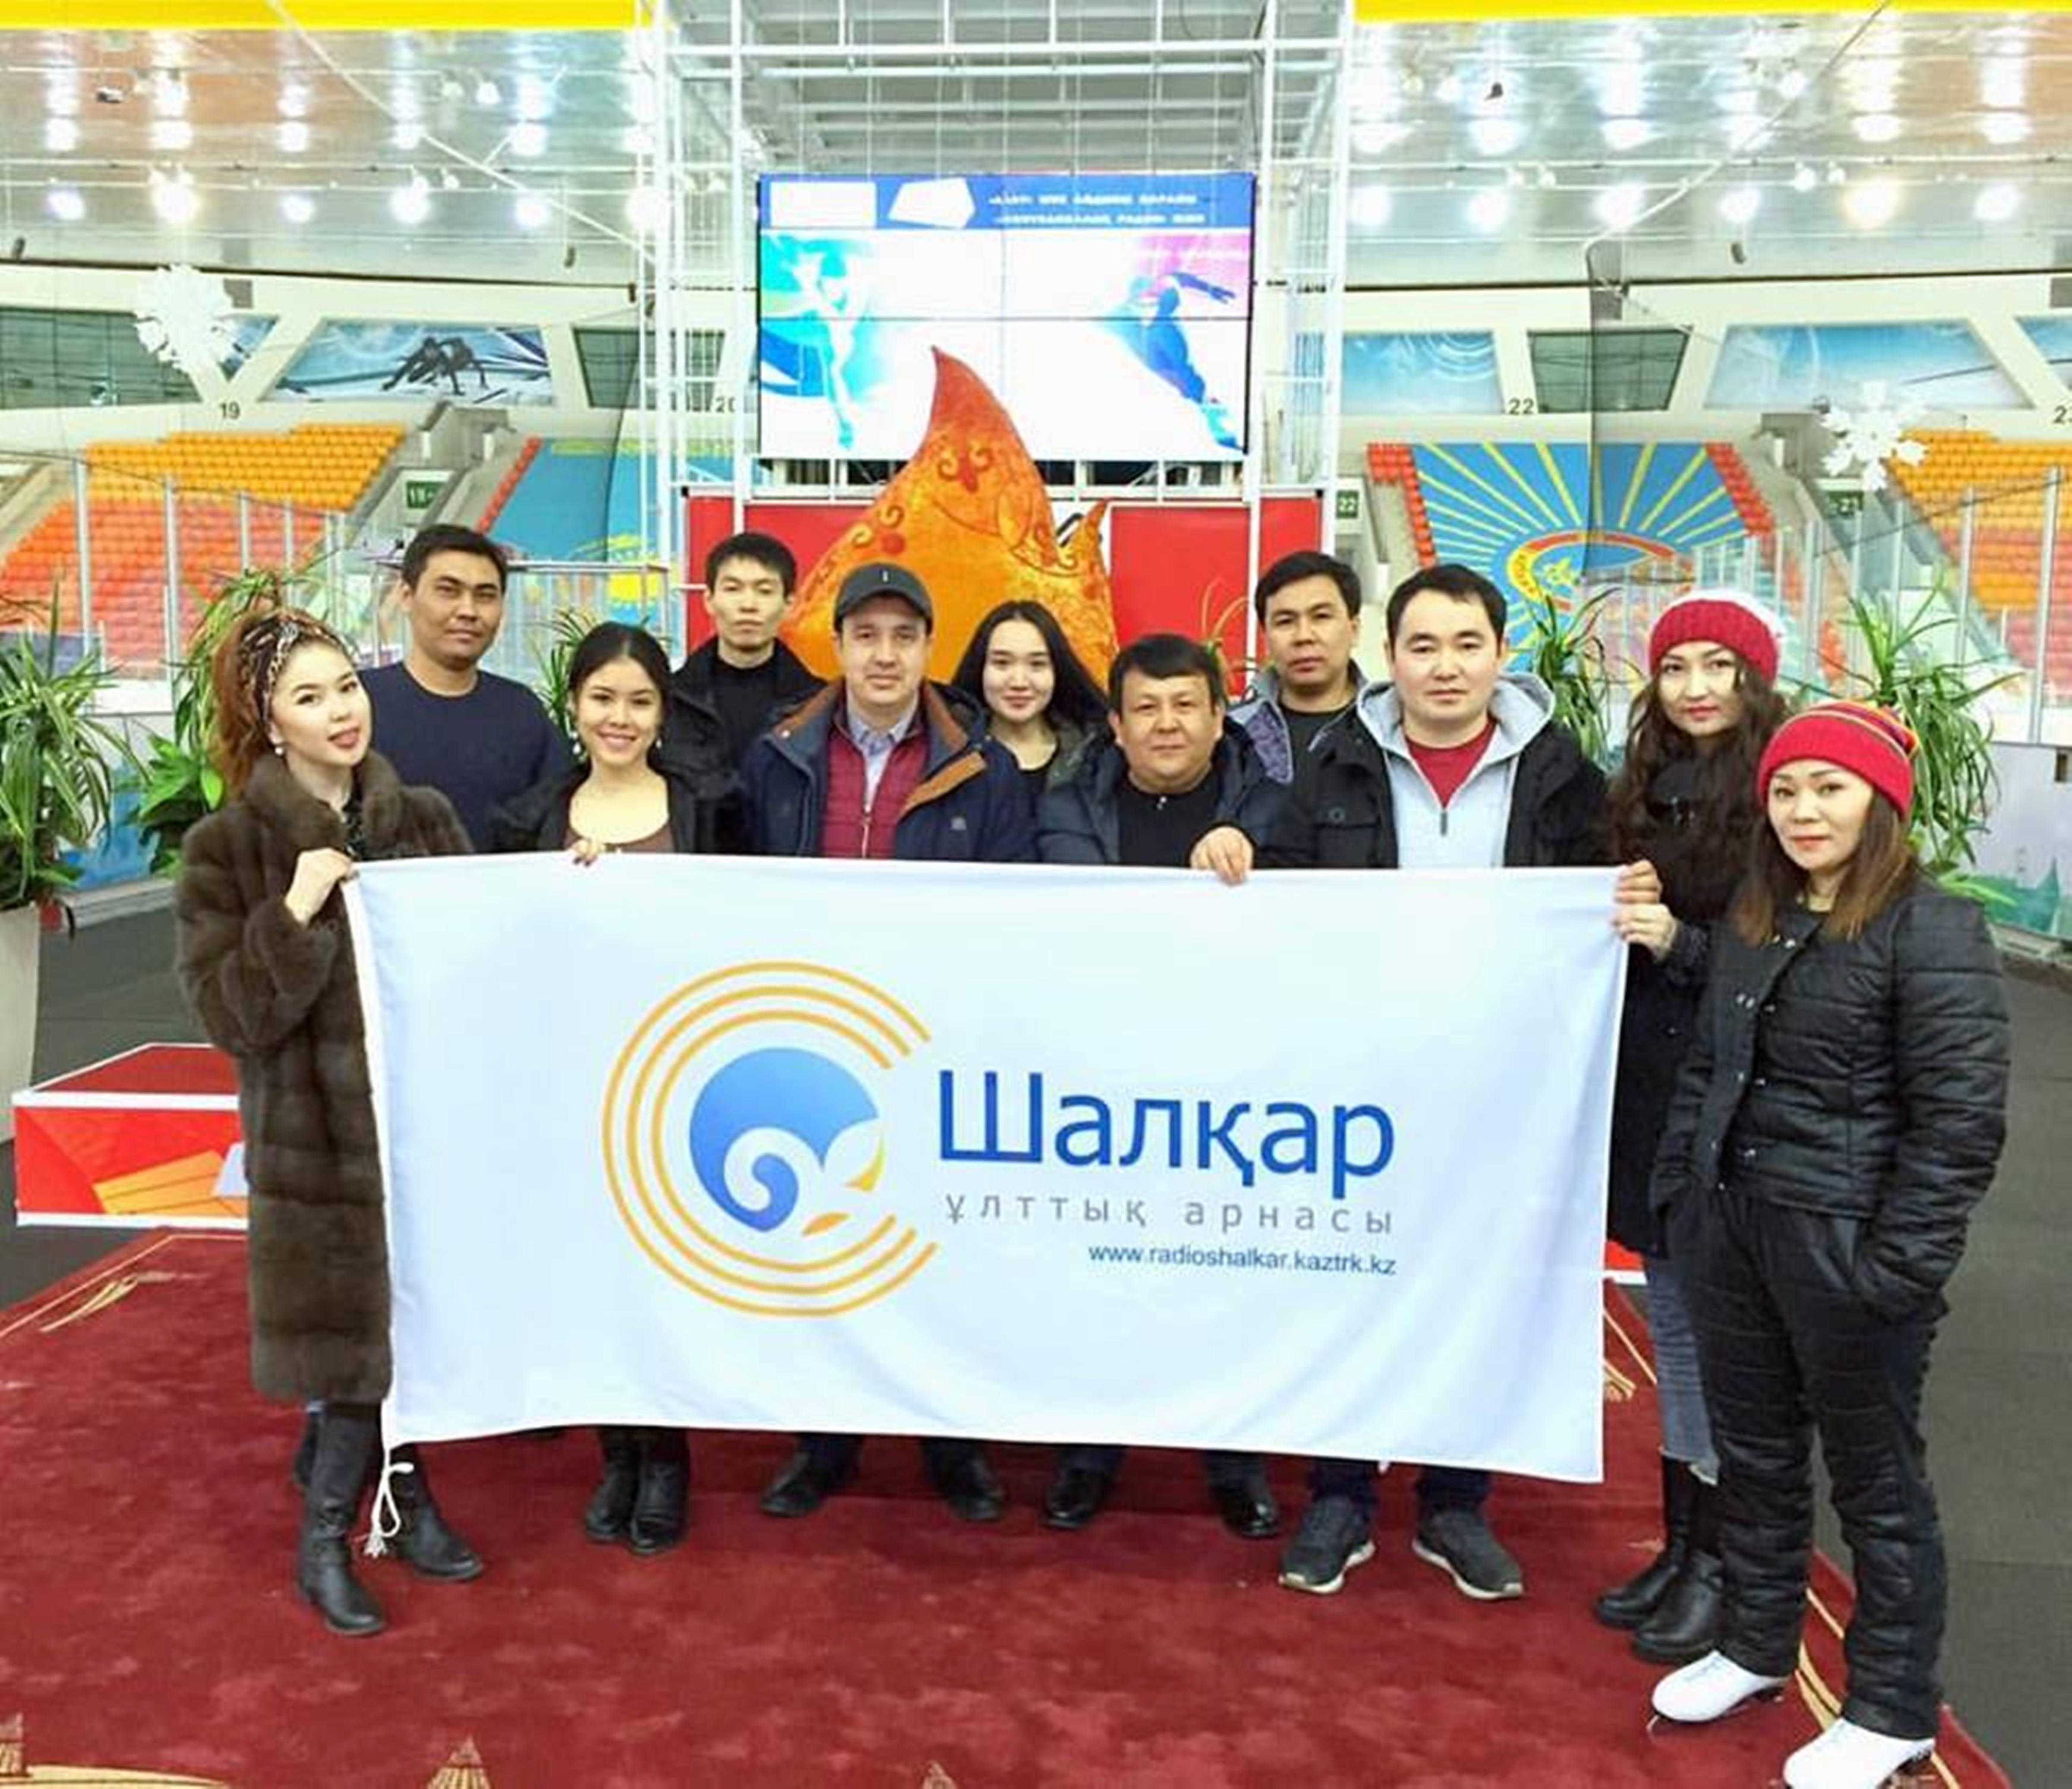 Сотрудники радиостанции «Шалкар» со знаменем. Астана, 12 марта. [Радиостанции «Шалкар»]